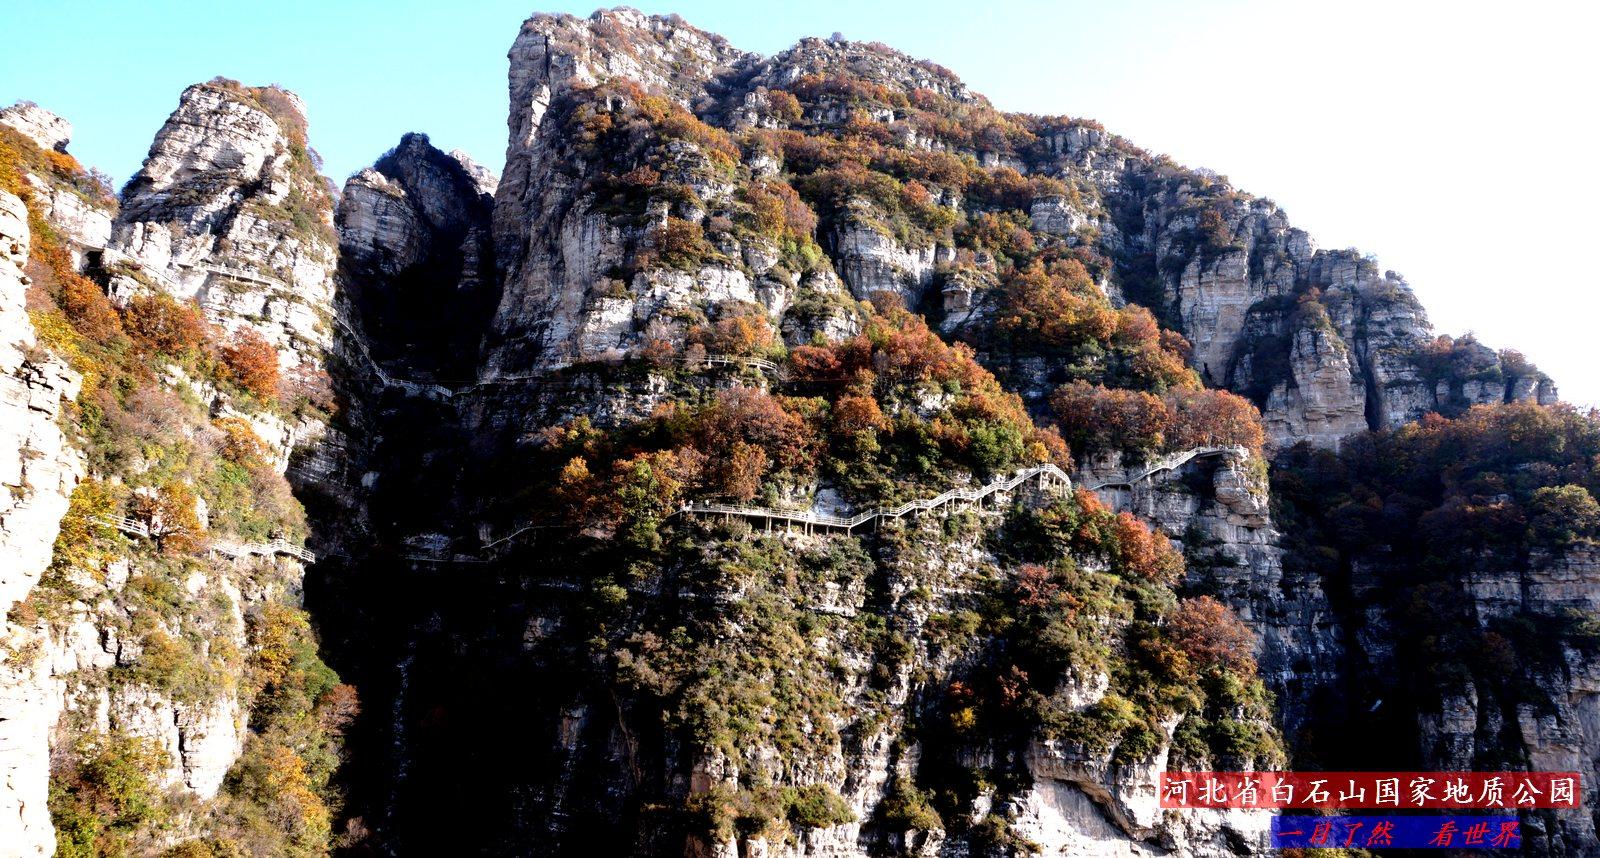 河北房山世界地质公园(白石山)-19-1600.jpg